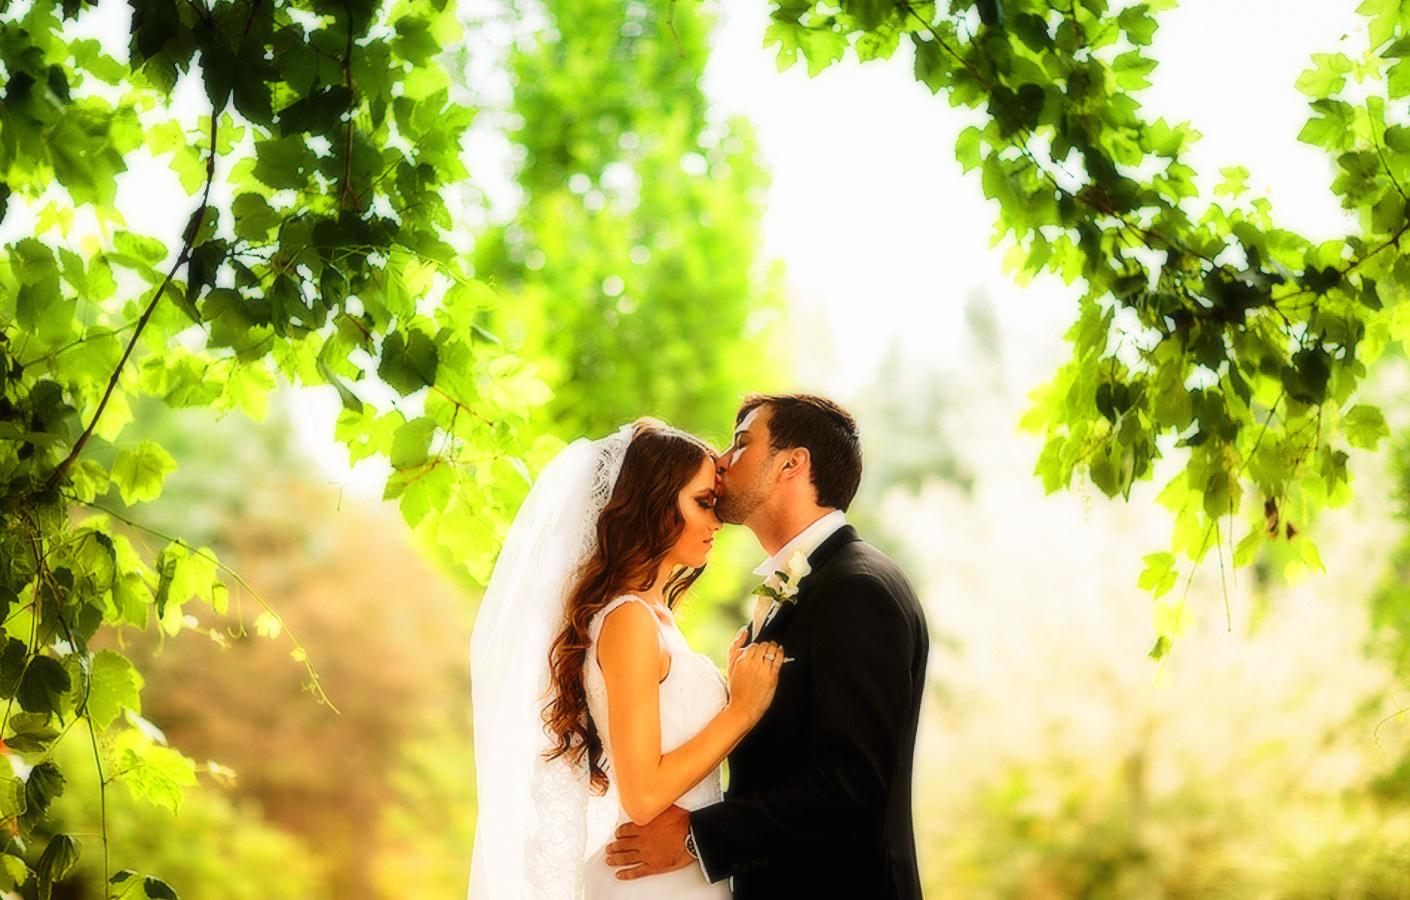 Сонник Свадьба, к чему снится Свадьба во сне видеть